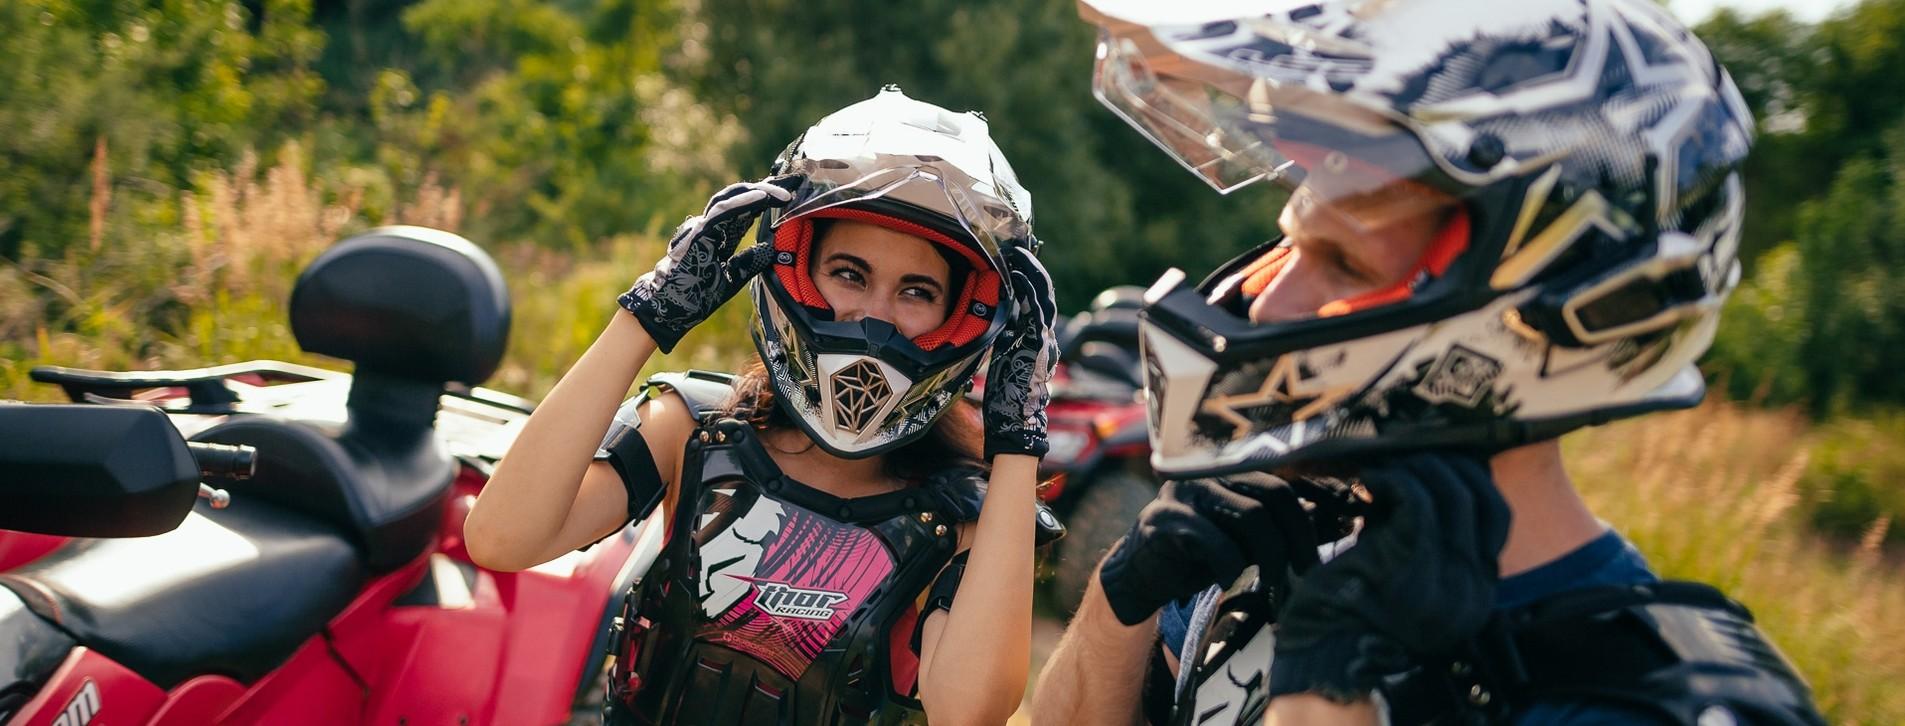 Fotoğraf - Arkadaş Grubu için ATV Turu